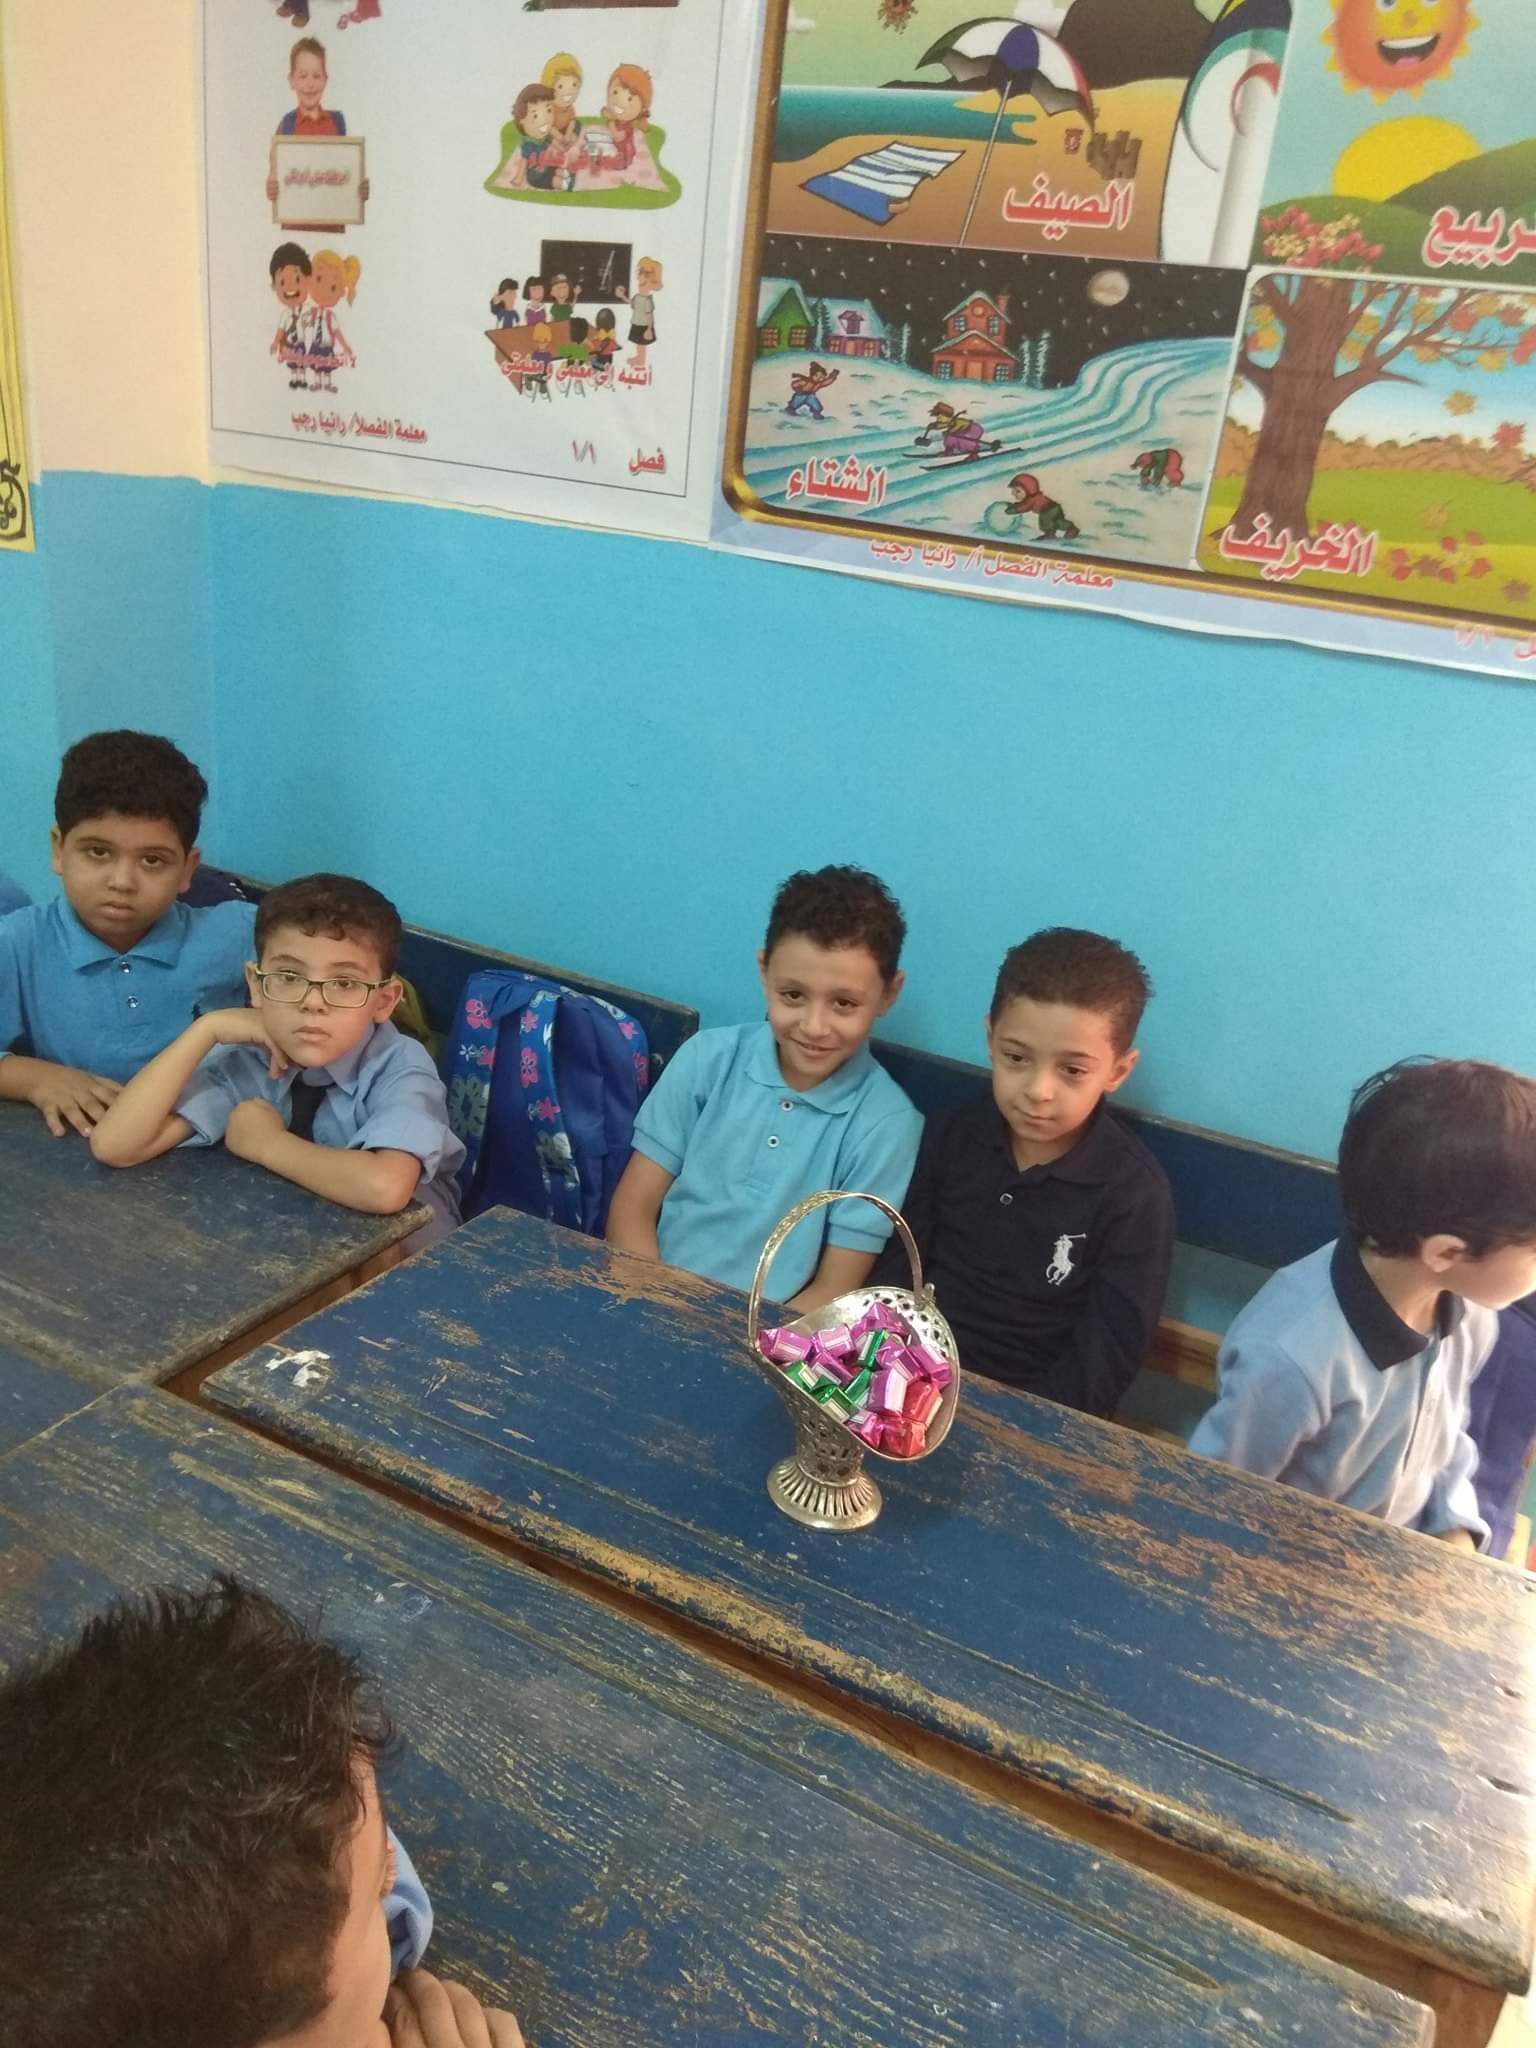 مدارس دمياط تستقبل الطلاب بالشيكولاتة